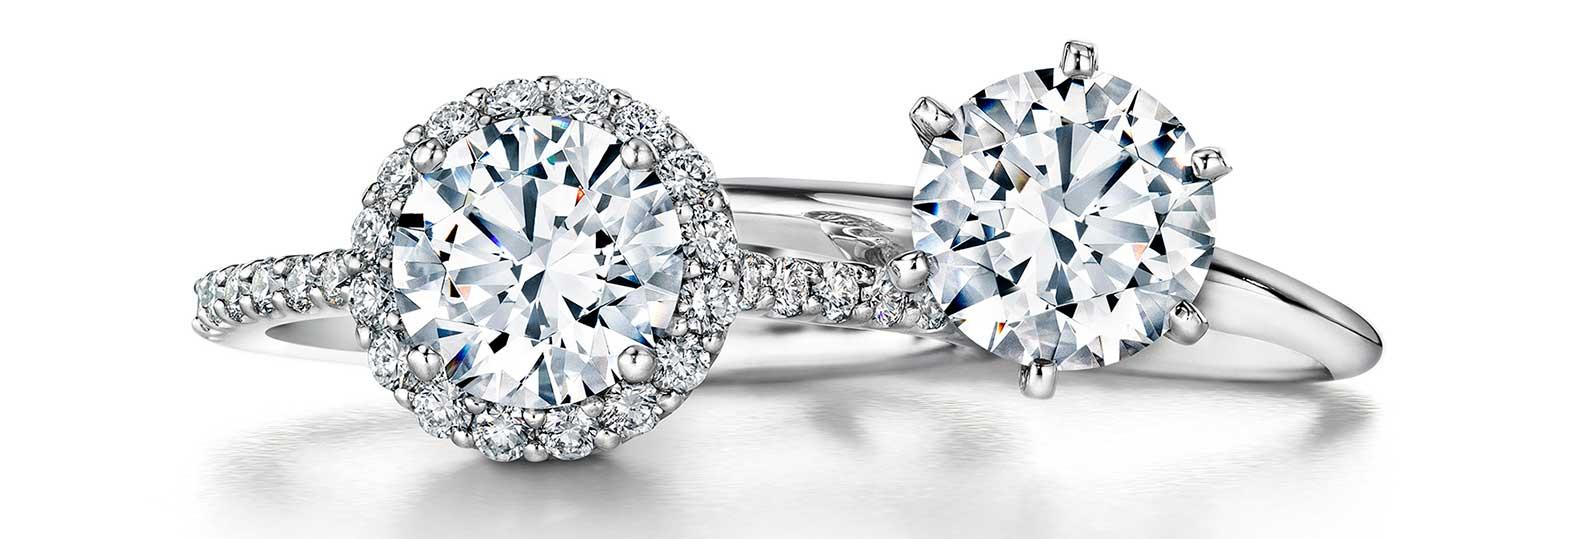 jewelry exchange rockville md style guru fashion glitz